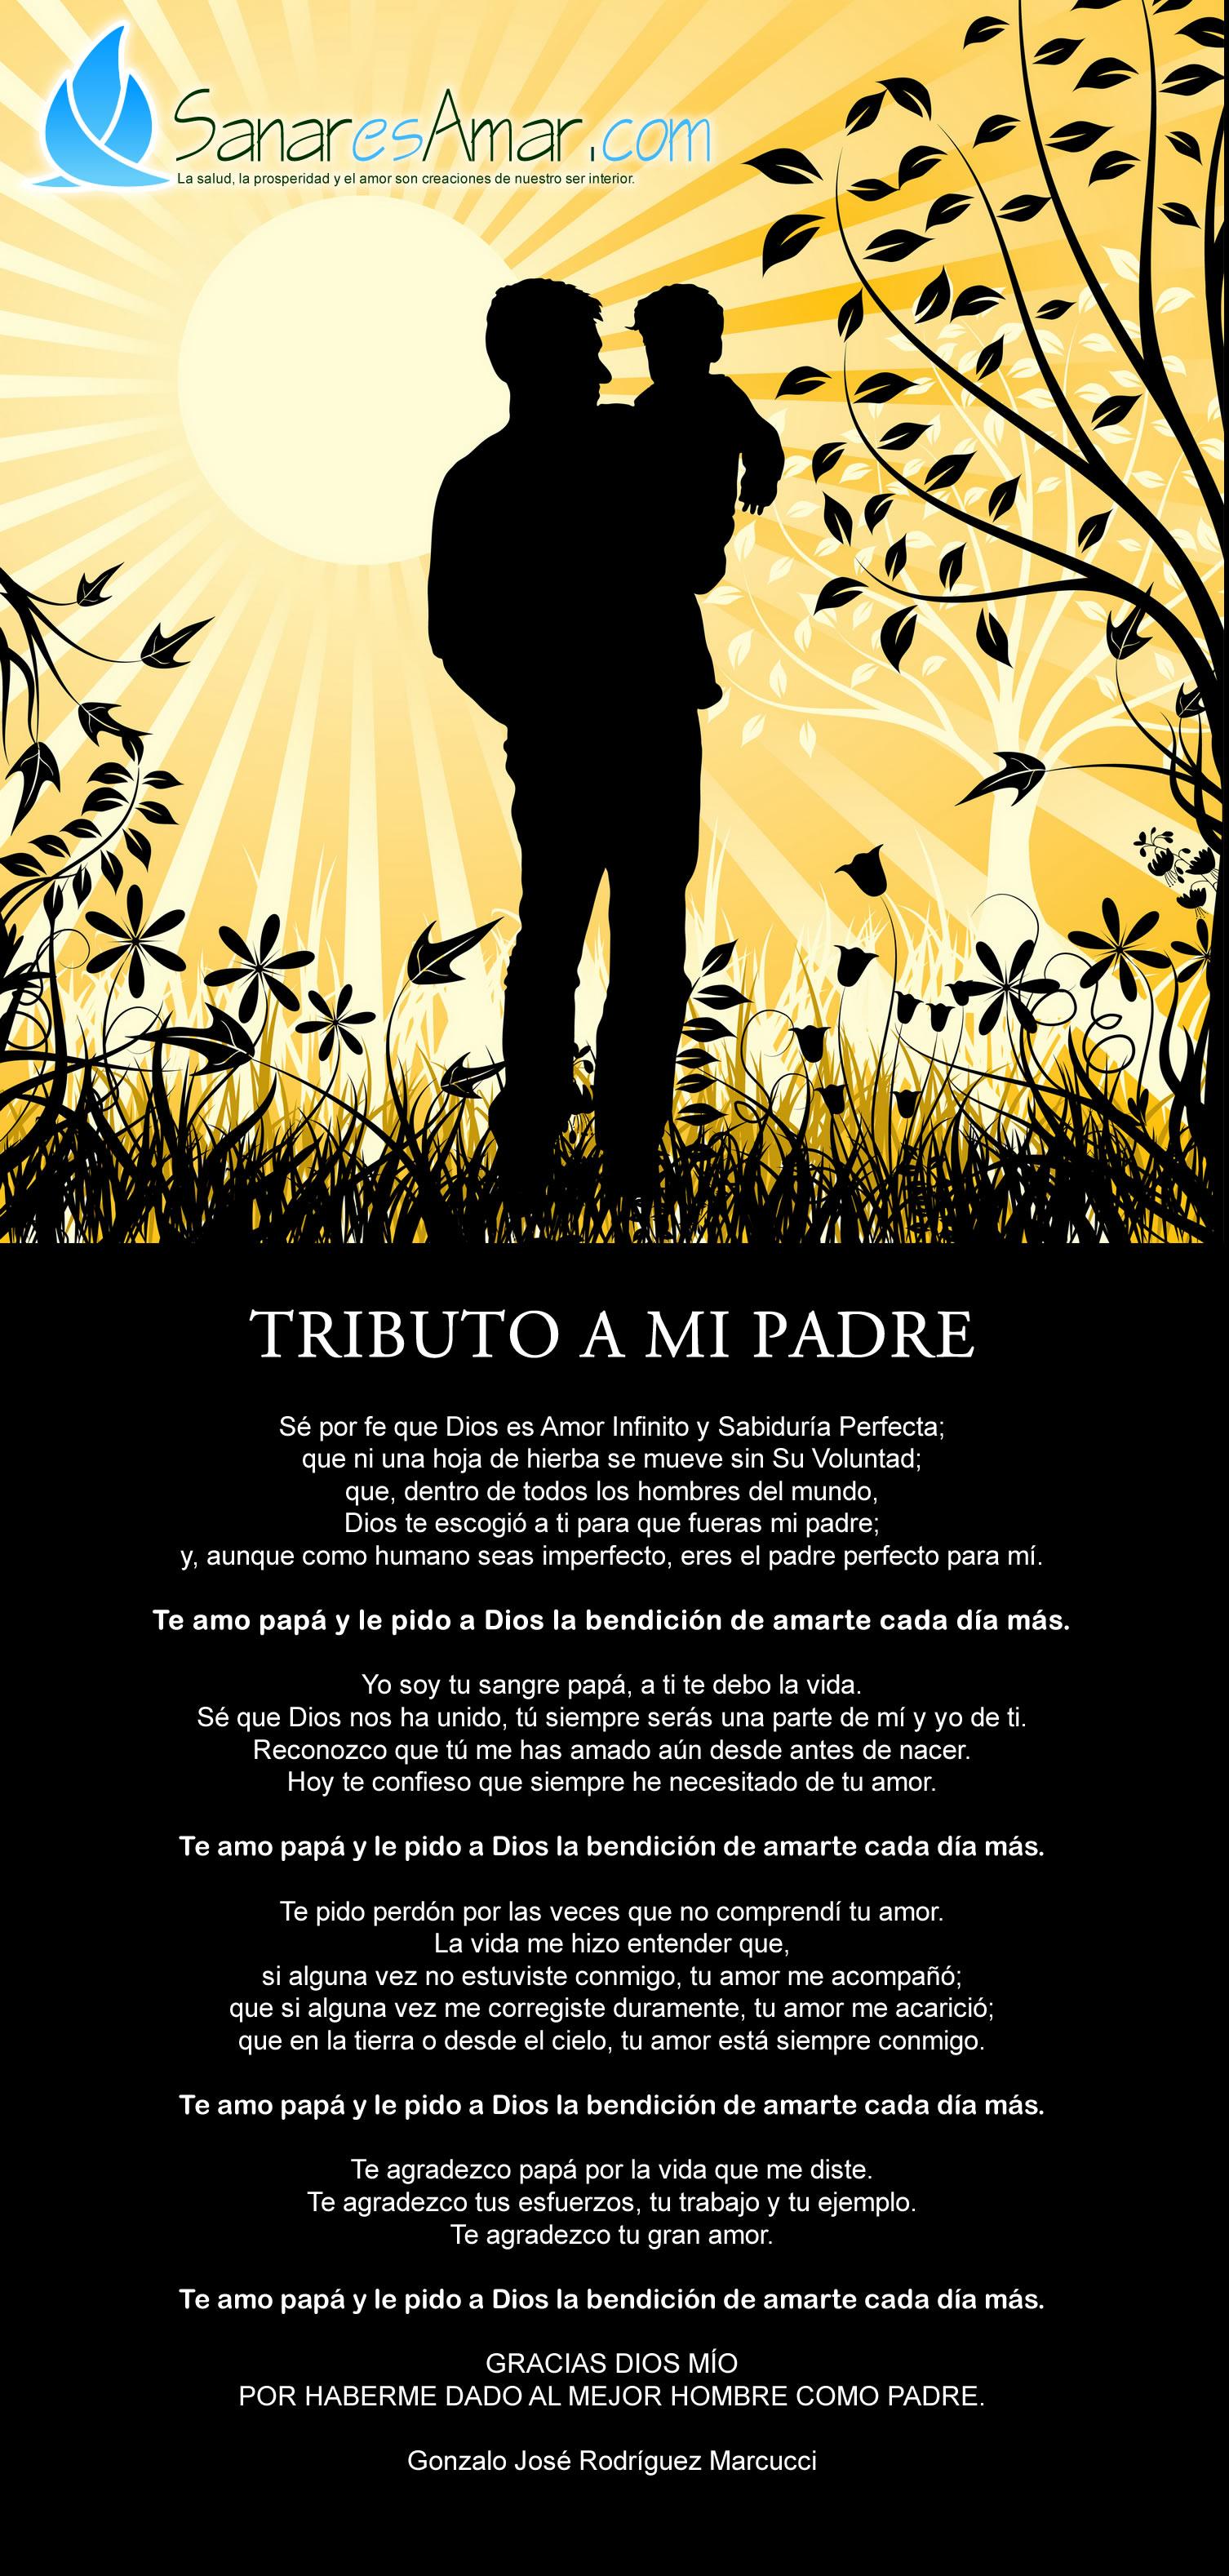 Sé por fe que Dios es Amor Infinito y Sabiduría Perfecta; que ni una hoja de hierba se mueve sin Su Voluntad; que, dentro de todos los hombres del mundo,  Dios te escogió a ti para que fueras mi padre; y, aunque como humano seas imperfecto, eres el padre perfecto para mí.  Te amo papá y le pido a Dios la bendición de amarte cada día más.  Yo soy tu sangre papá, a ti te debo la vida.  Sé que Dios nos ha unido, tú siempre serás una parte de mí y yo de ti.  Reconozco que tú me has amado aún desde antes de nacer. Hoy te confieso que siempre he necesitado de tu amor.  Te amo papá y le pido a Dios la bendición de amarte cada día más.  Te pido perdón por las veces que no comprendí tu amor. La vida me hizo entender que,  si alguna vez no estuviste conmigo, tu amor me acompañó; que si alguna vez me corregiste duramente, tu amor me acarició; que en la tierra o desde el cielo, tu amor está siempre conmigo.  Te amo papá y le pido a Dios la bendición de amarte cada día más.  Te agradezco papá por la vida que me diste. Te agradezco tus esfuerzos, tu trabajo y tu ejemplo. Te agradezco tu gran amor.  Te amo papá y le pido a Dios la bendición de amarte cada día más.  GRACIAS DIOS MÍO POR HABERME DADO AL MEJOR HOMBRE COMO PADRE.  Gonzalo José Rodríguez Marcucci